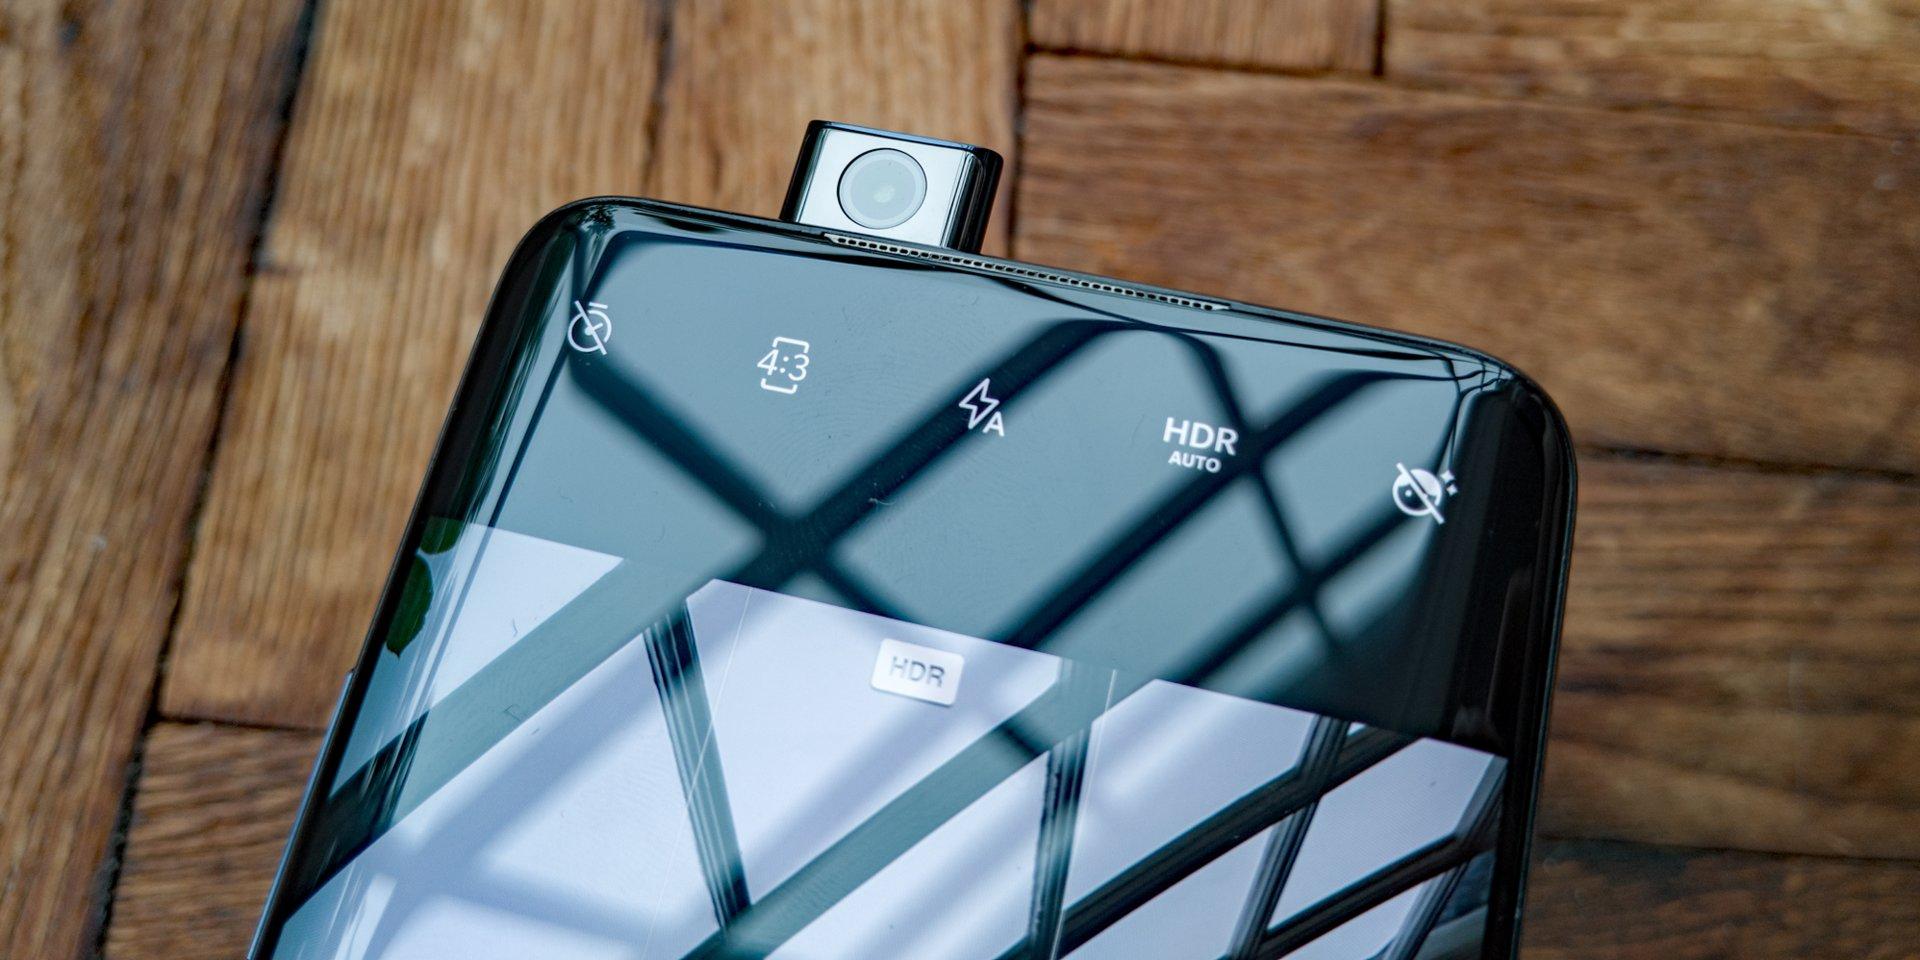 كاميرا OnePlus 7 Pro الخلفية تقتنص المركز الثالث كأفضل الكاميرات طبقًا لموقع DxOMark